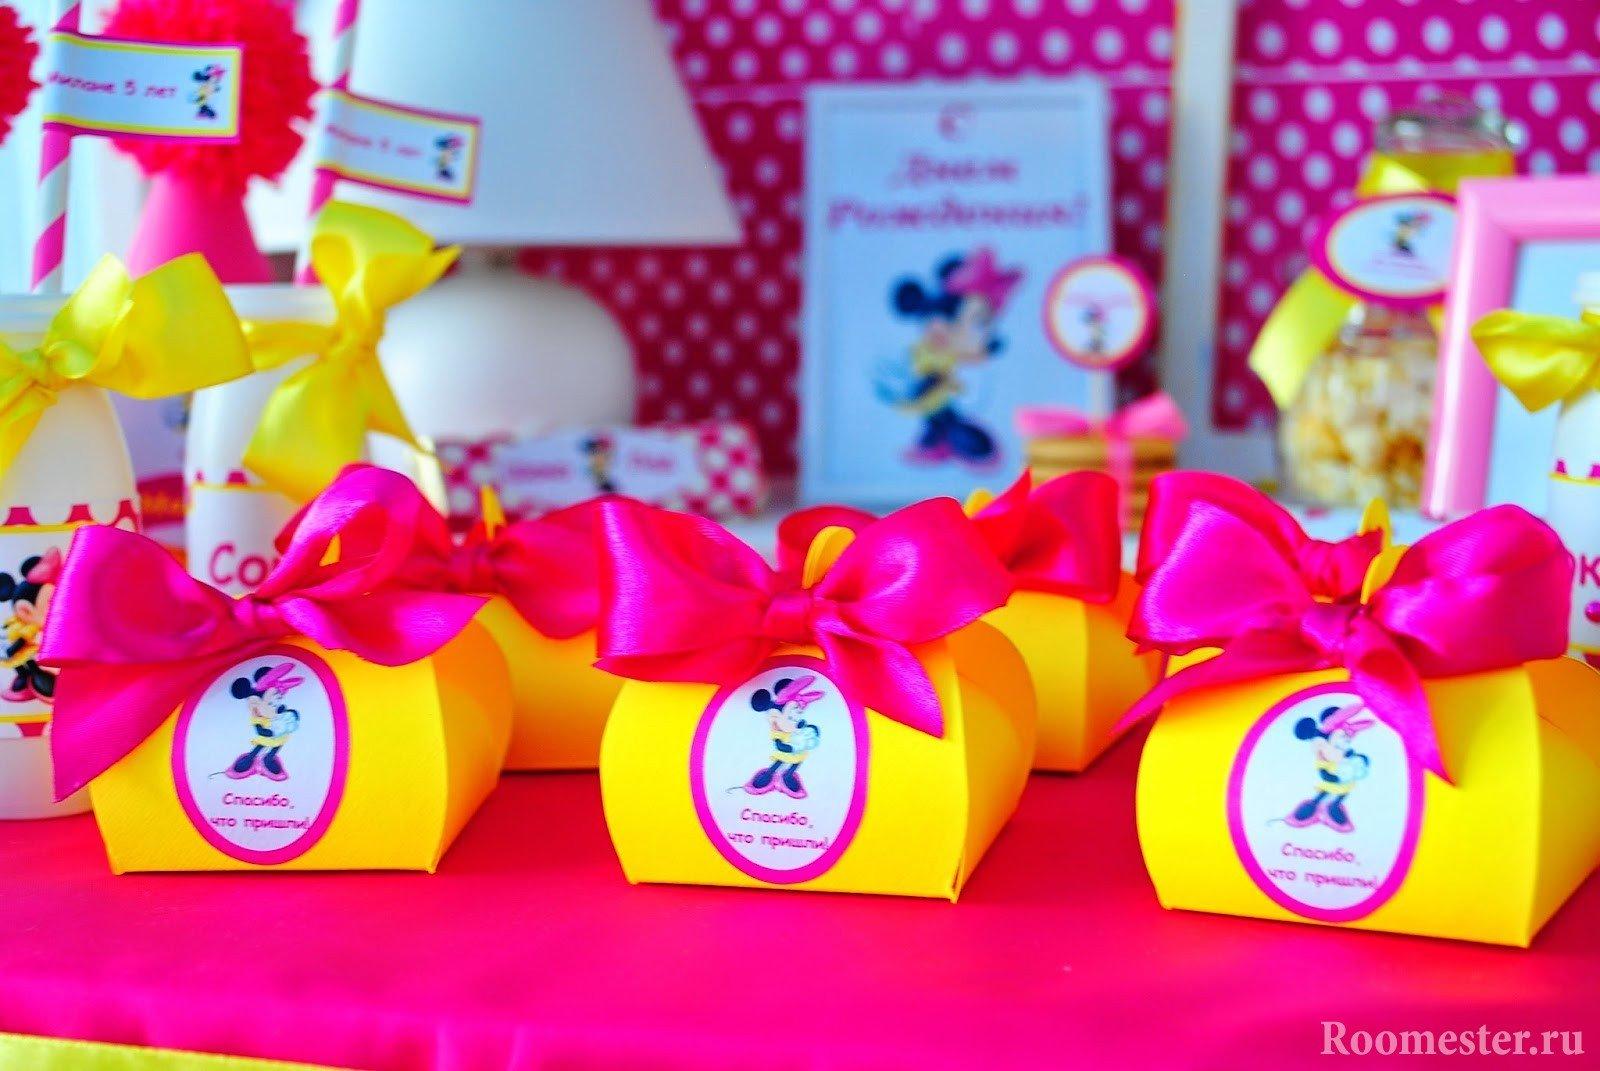 Подарки для детей на дни рождения в школе 505